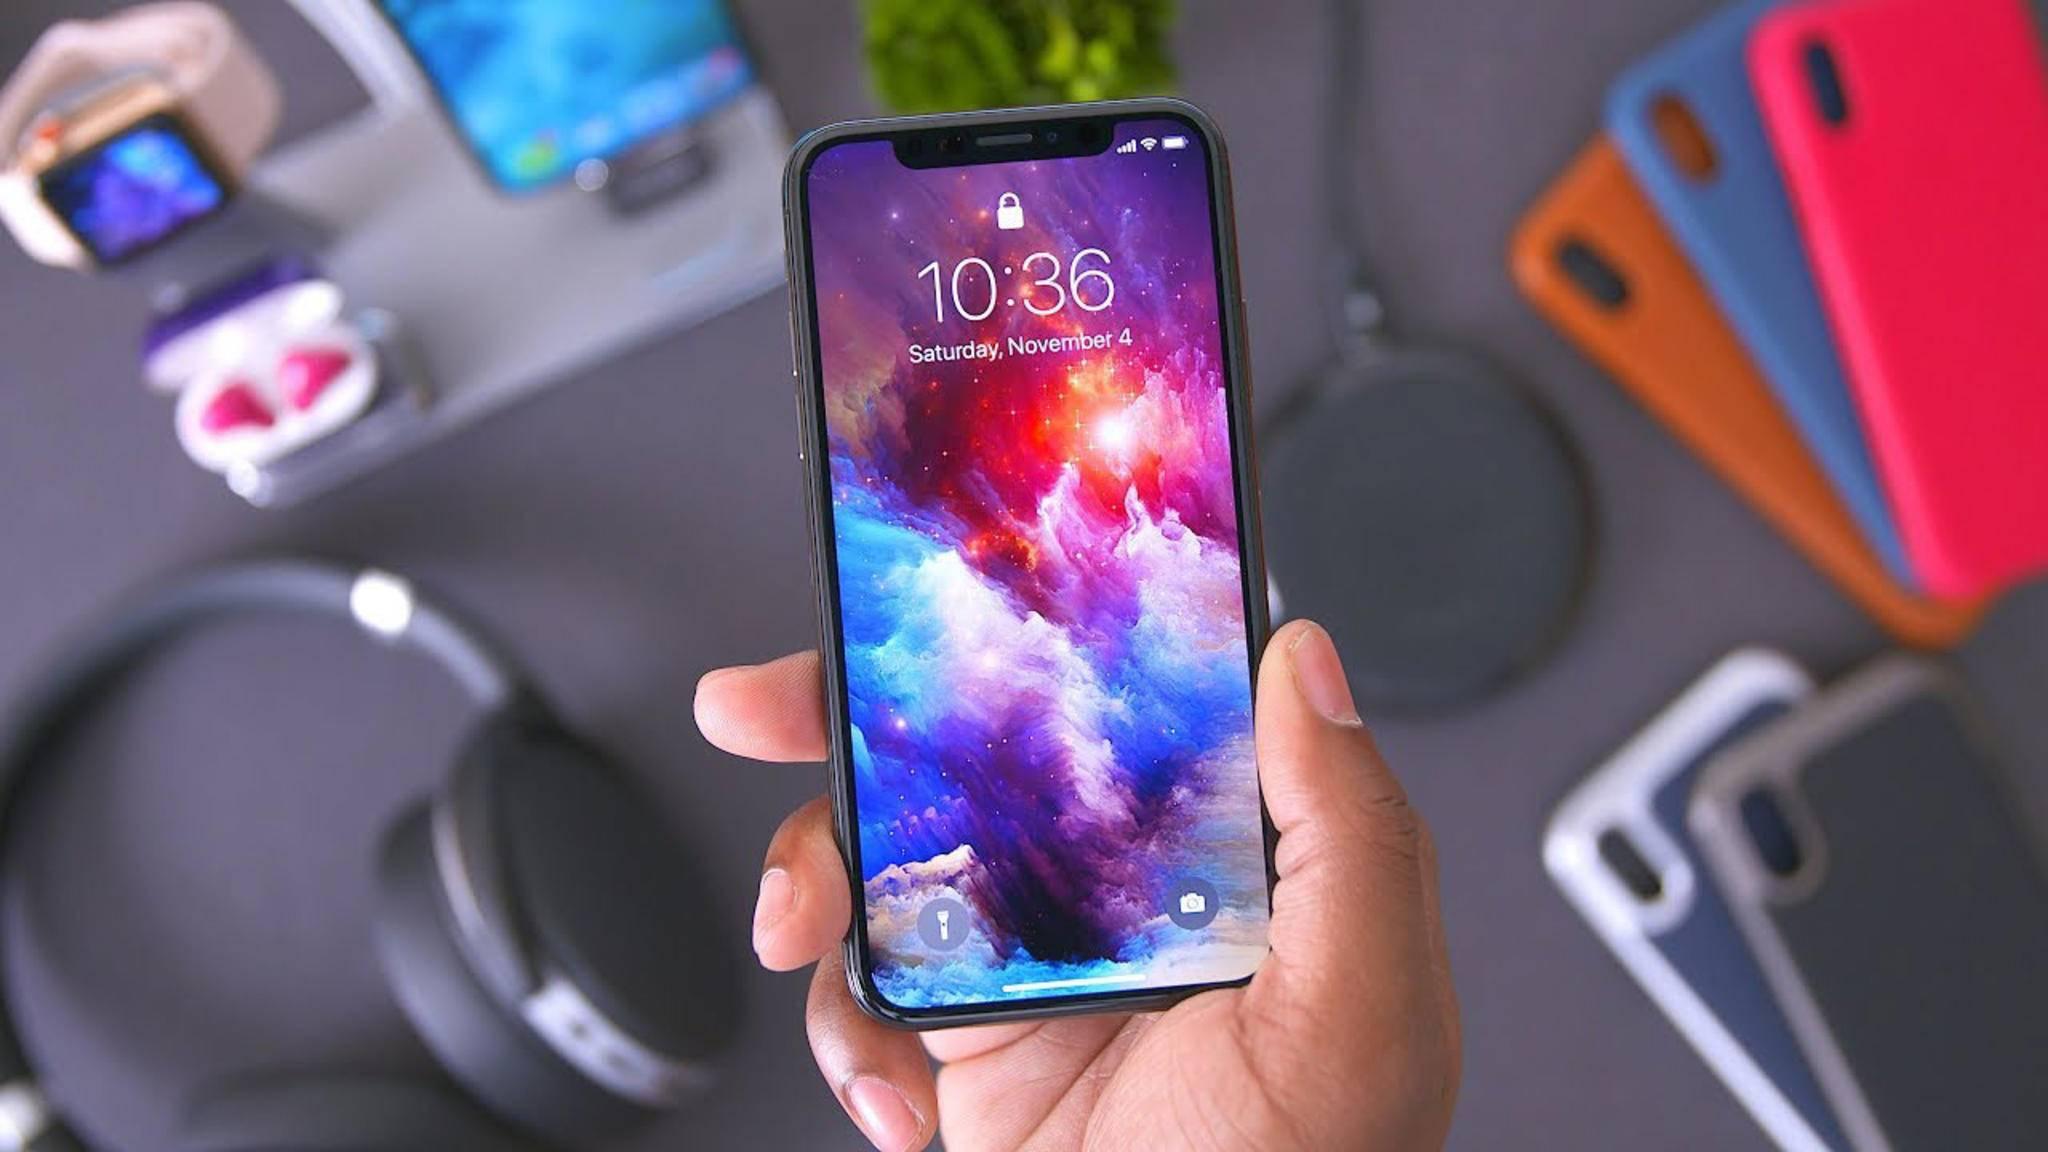 Das iPhone X konnte sich im im Time-Ranking des besten Gadgets 2017 Rang 2 sichern.